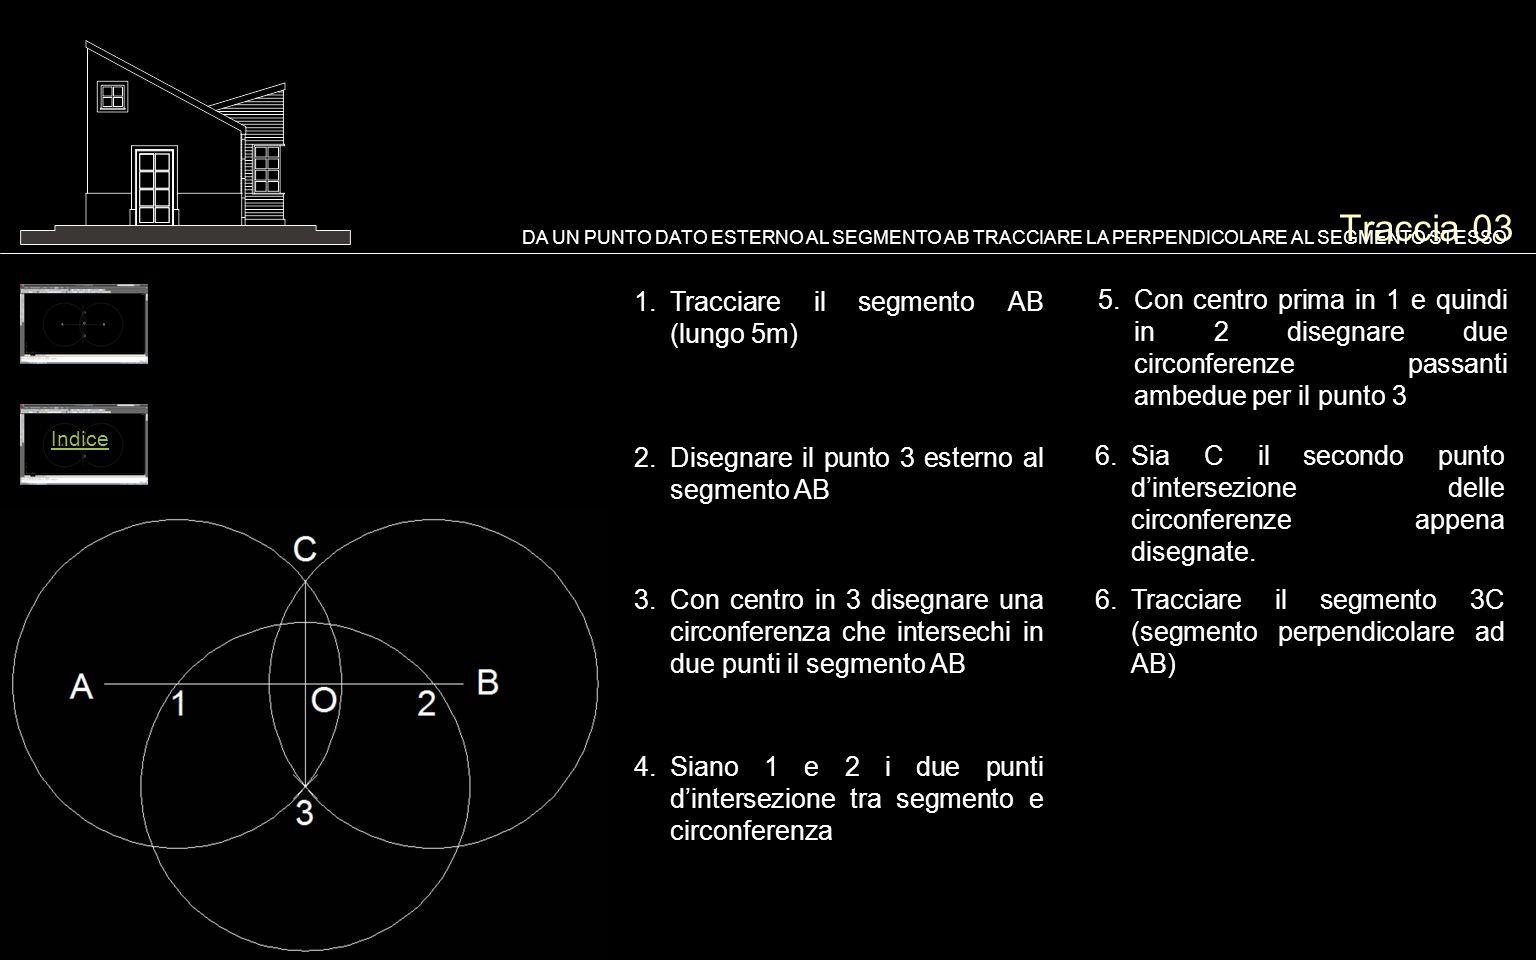 Traccia 03 1.Tracciare il segmento AB (lungo 5m) DA UN PUNTO DATO ESTERNO AL SEGMENTO AB TRACCIARE LA PERPENDICOLARE AL SEGMENTO STESSO 2.Disegnare il punto 3 esterno al segmento AB 5.Con centro prima in 1 e quindi in 2 disegnare due circonferenze passanti ambedue per il punto 3 6.Sia C il secondo punto d'intersezione delle circonferenze appena disegnate.